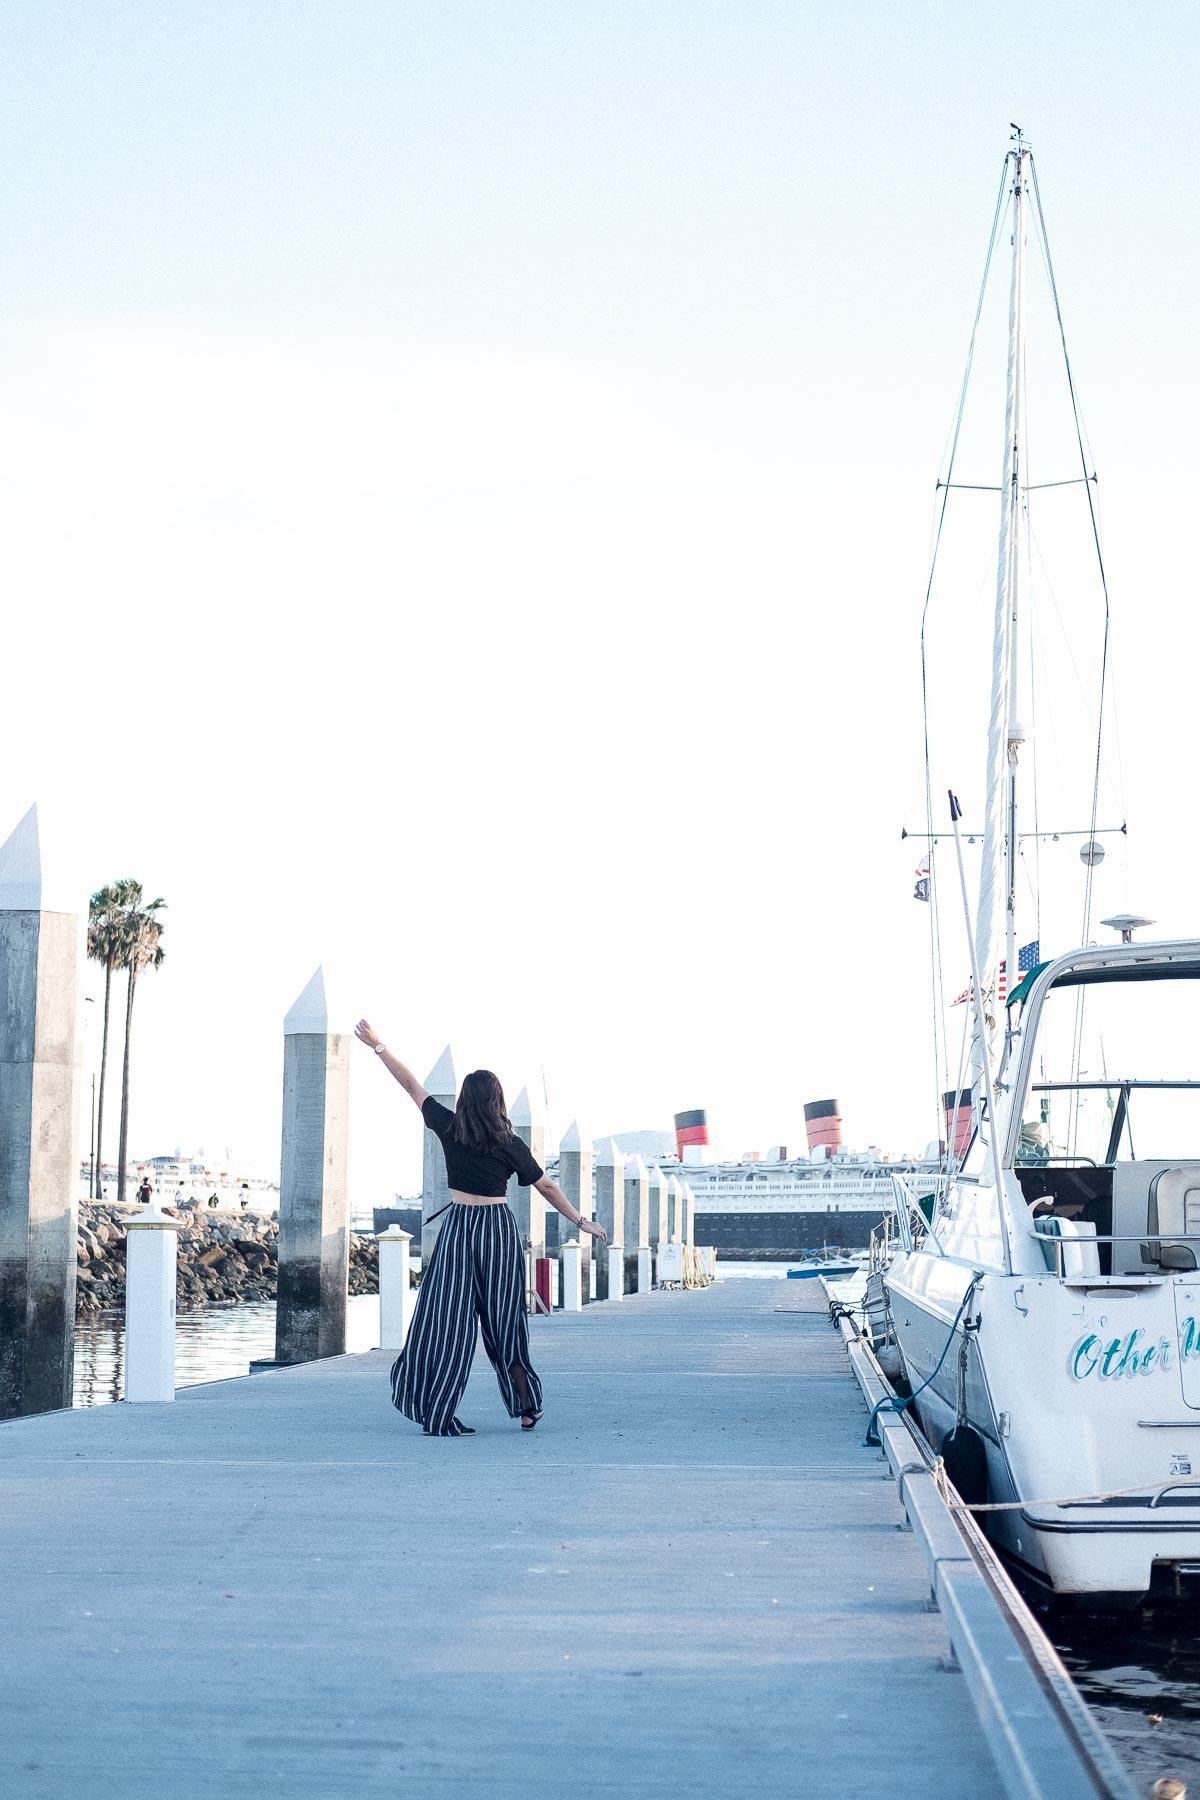 Rachel Off Duty: Wide-Legged Pants Boardwalk